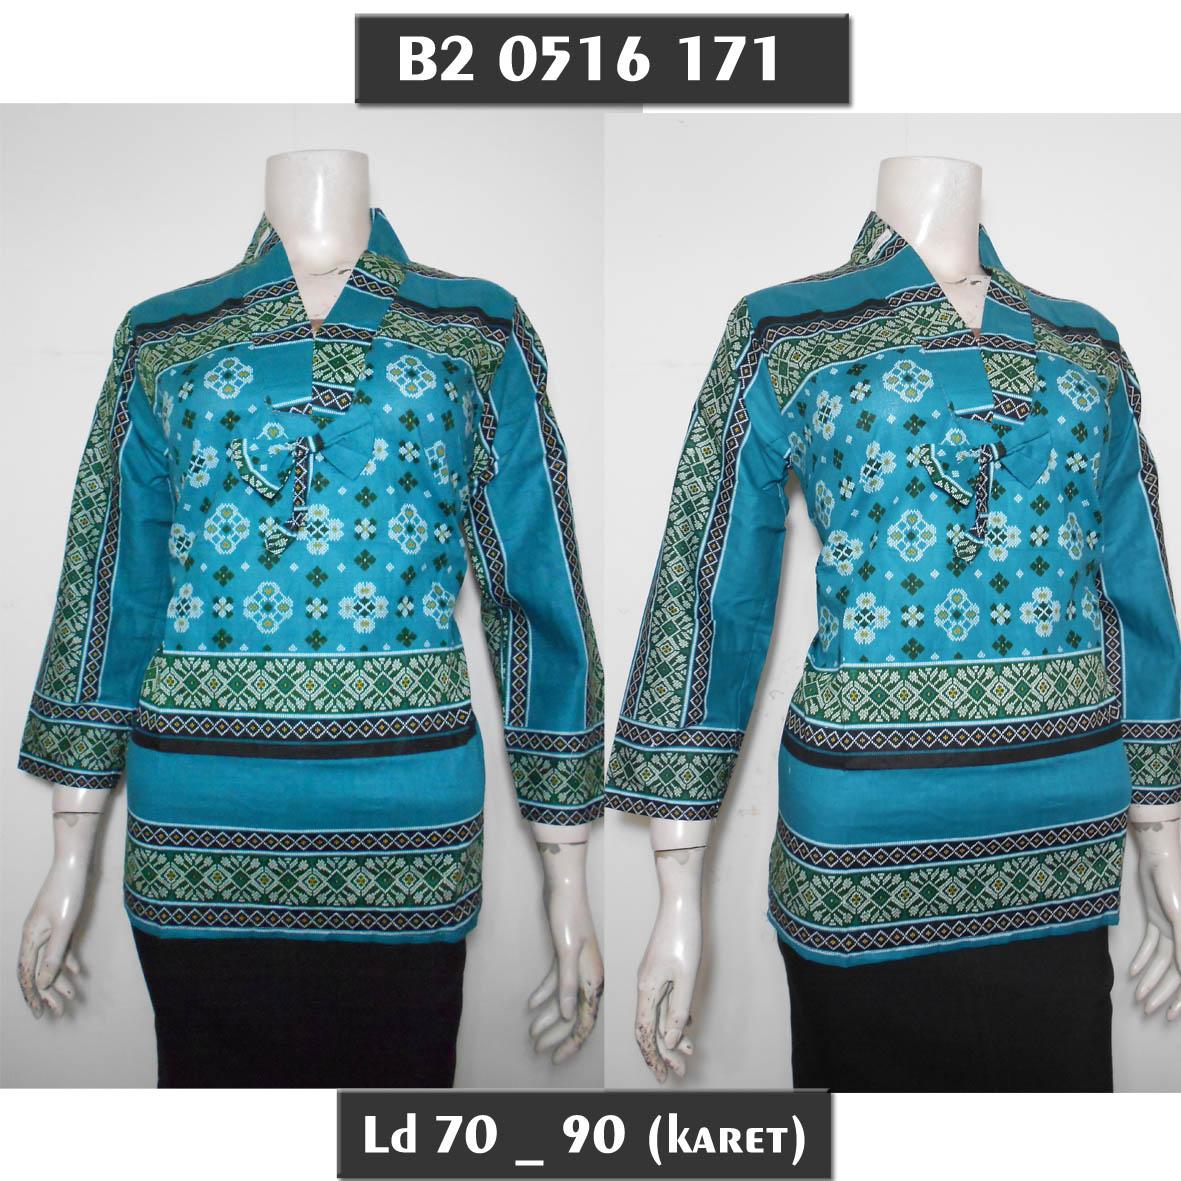 Jual Blus Batik Abg Muslim Warna Blouse Batik Murah Lengan